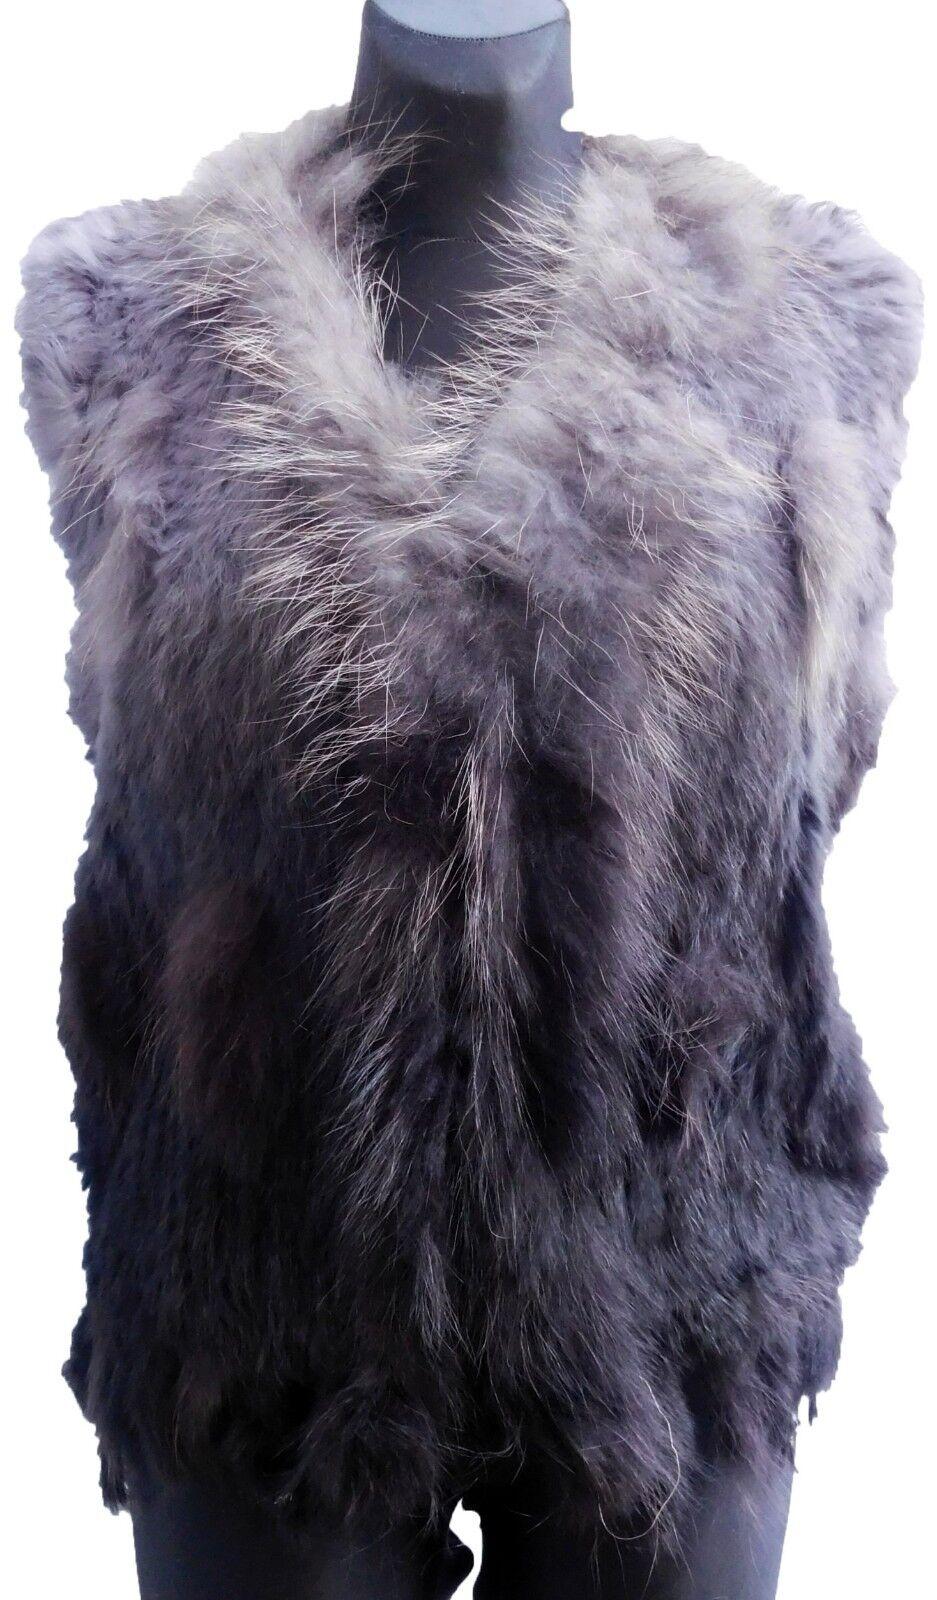 Weste Fellweste Echtfell toupe- zweifarbig Waschbär Kaninchen  Neu EG 38-42